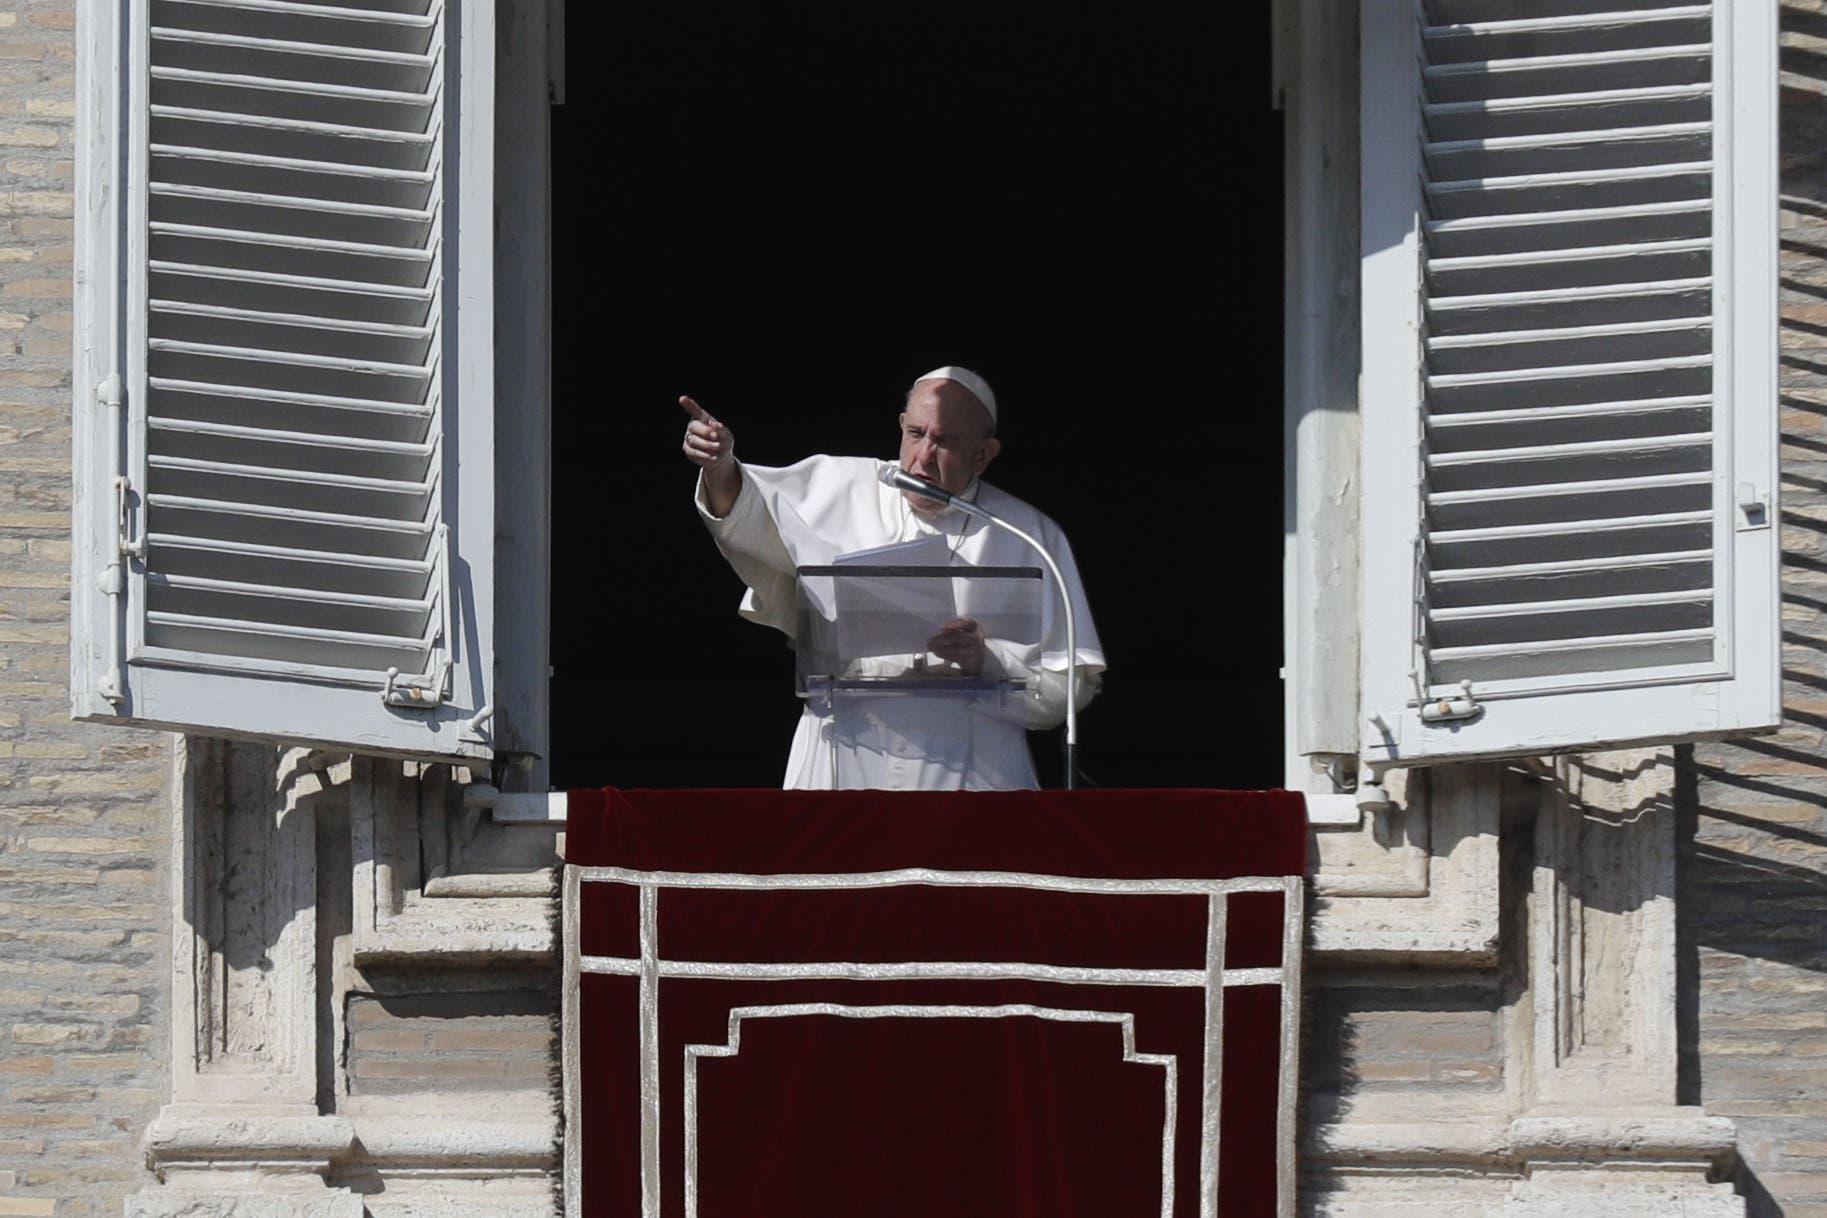 El Vaticano organiza reunión sobre la crisis humanitaria en Irak y Siria